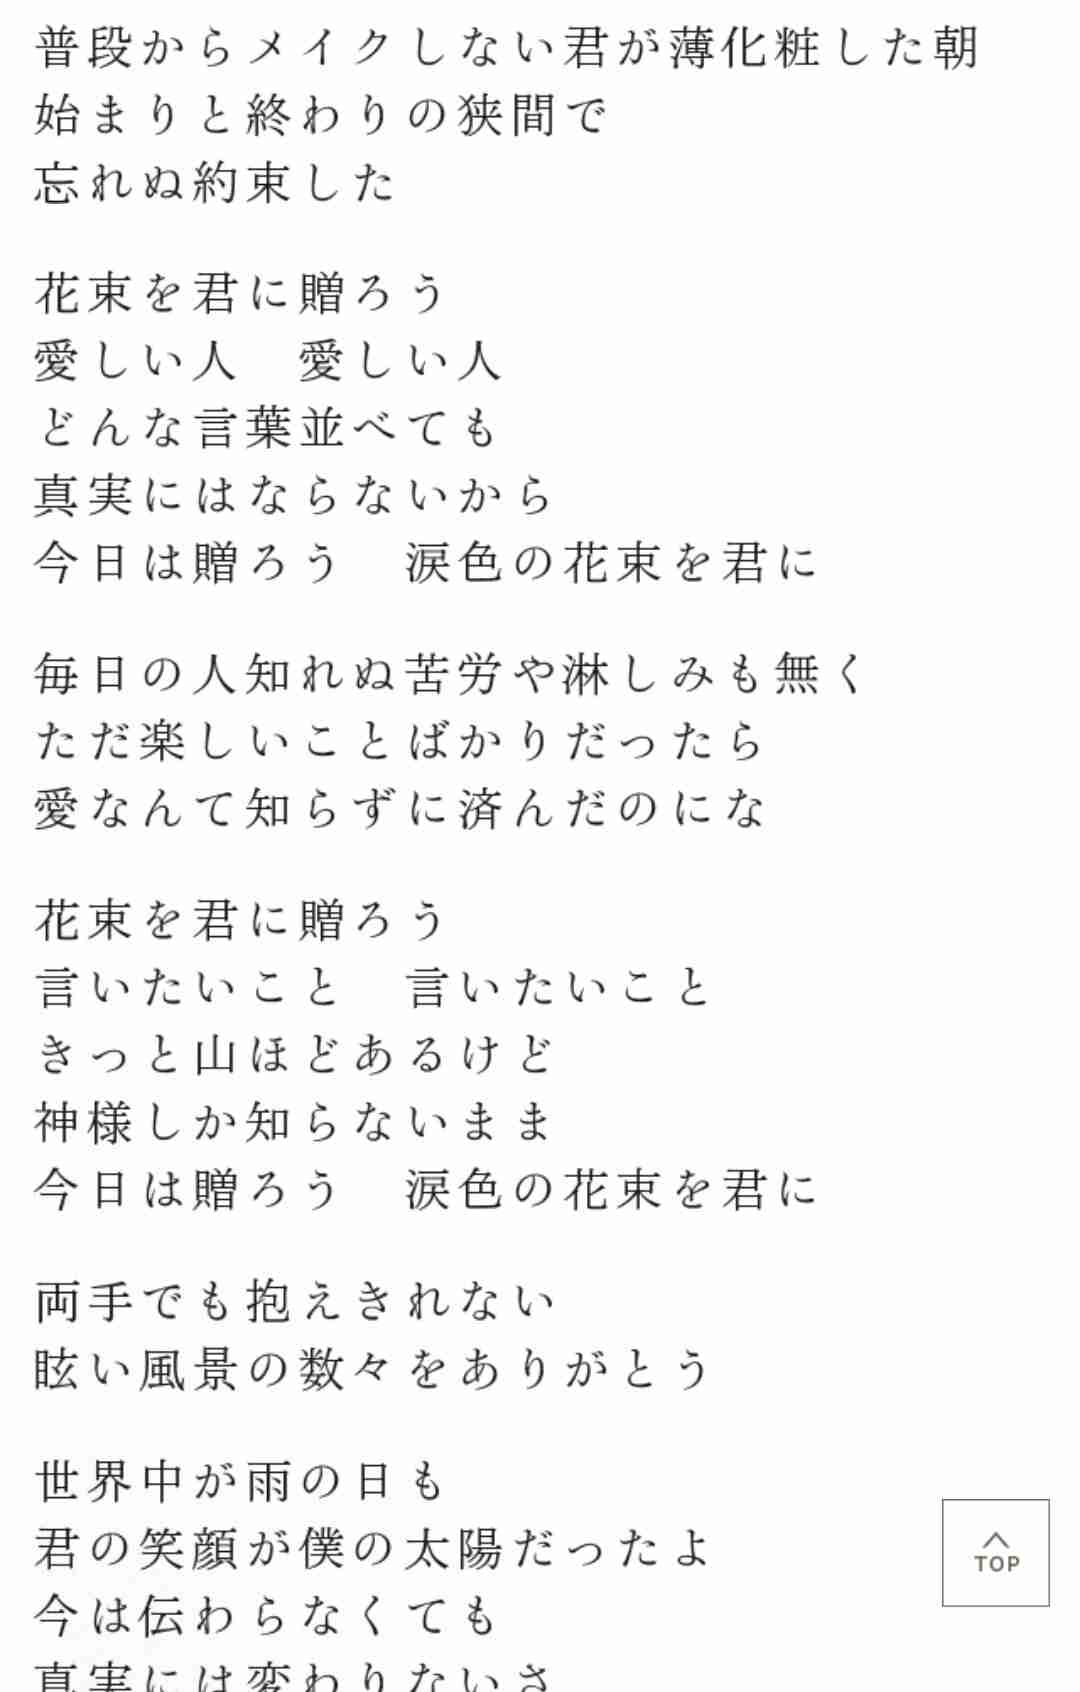 3年半ぶりの新曲に絶賛の声 他を圧倒する宇多田ヒカルの